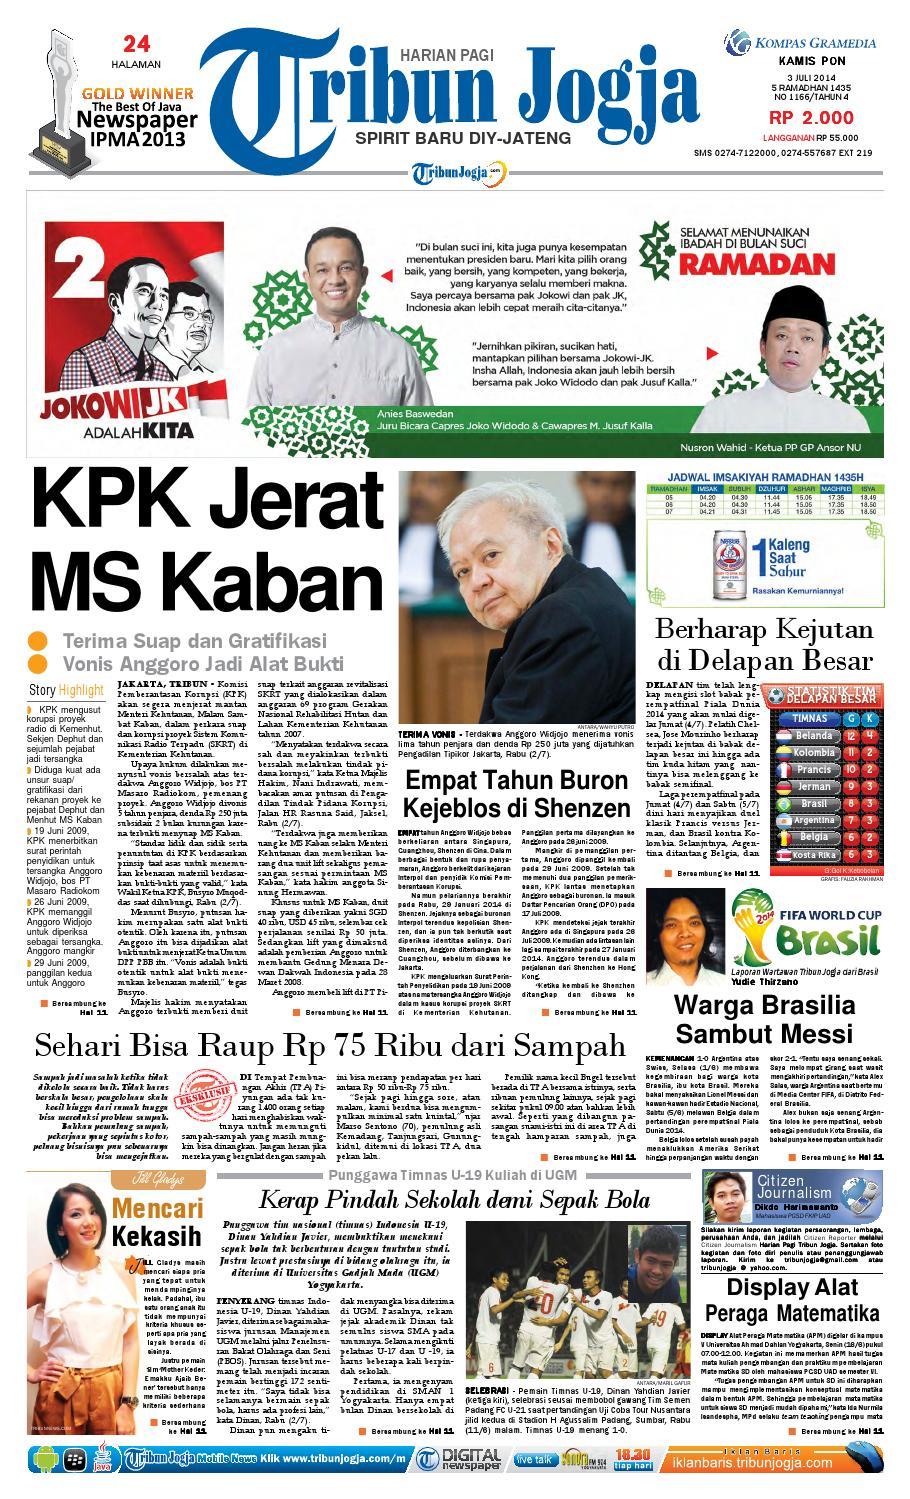 Tribunjogja 03 07 2014 By Tribun Jogja Issuu Tcash Vaganza 34 Kripiss Medan Manis